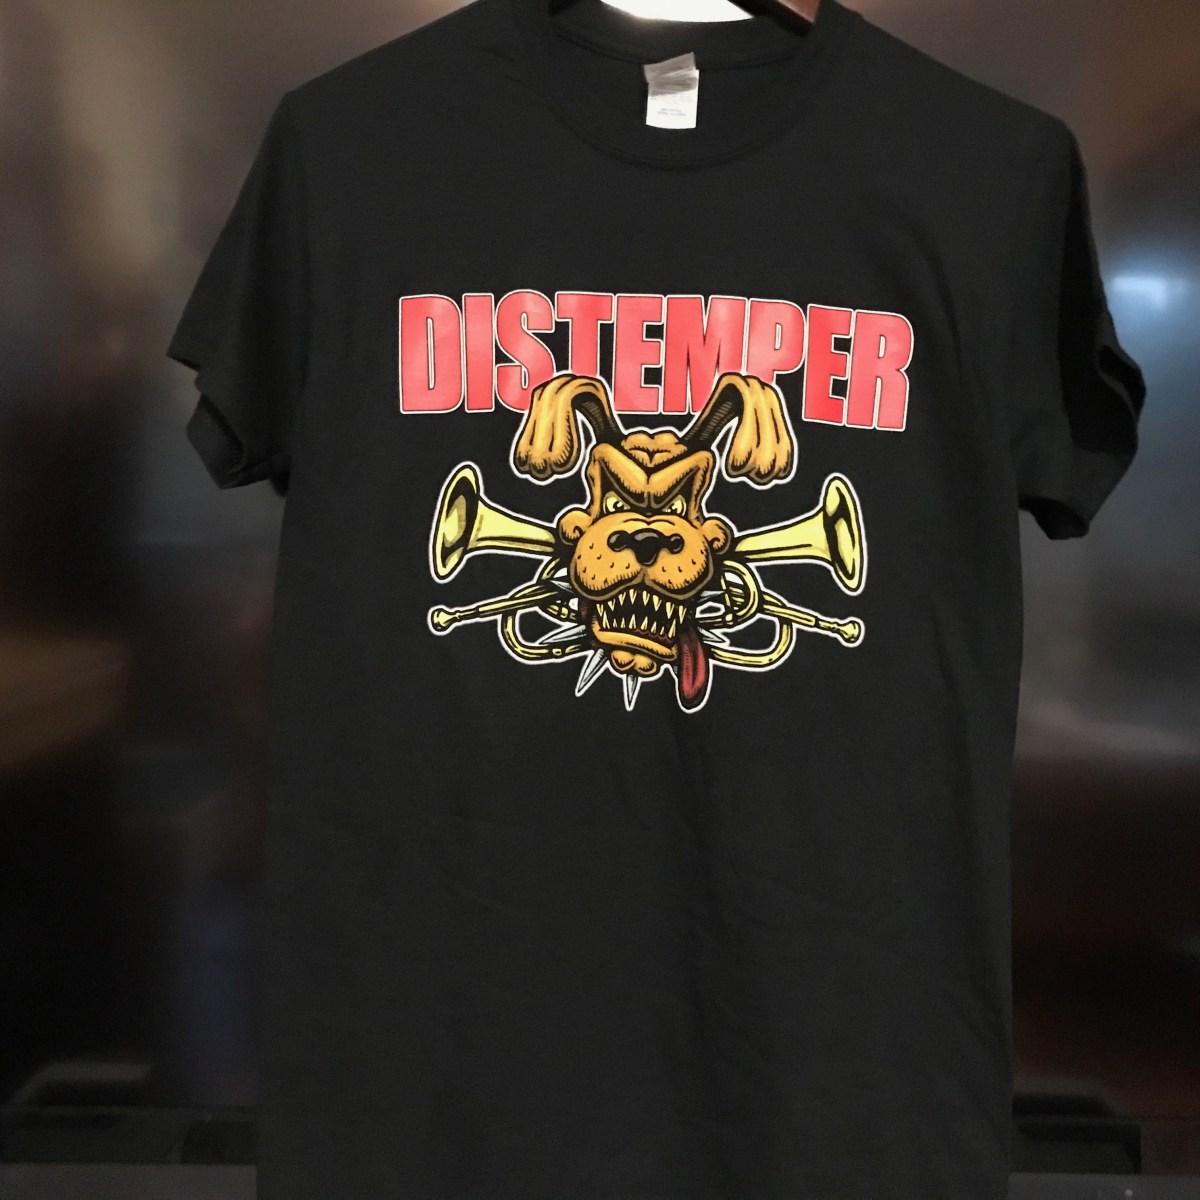 Новый юбилейный дизайн футболок